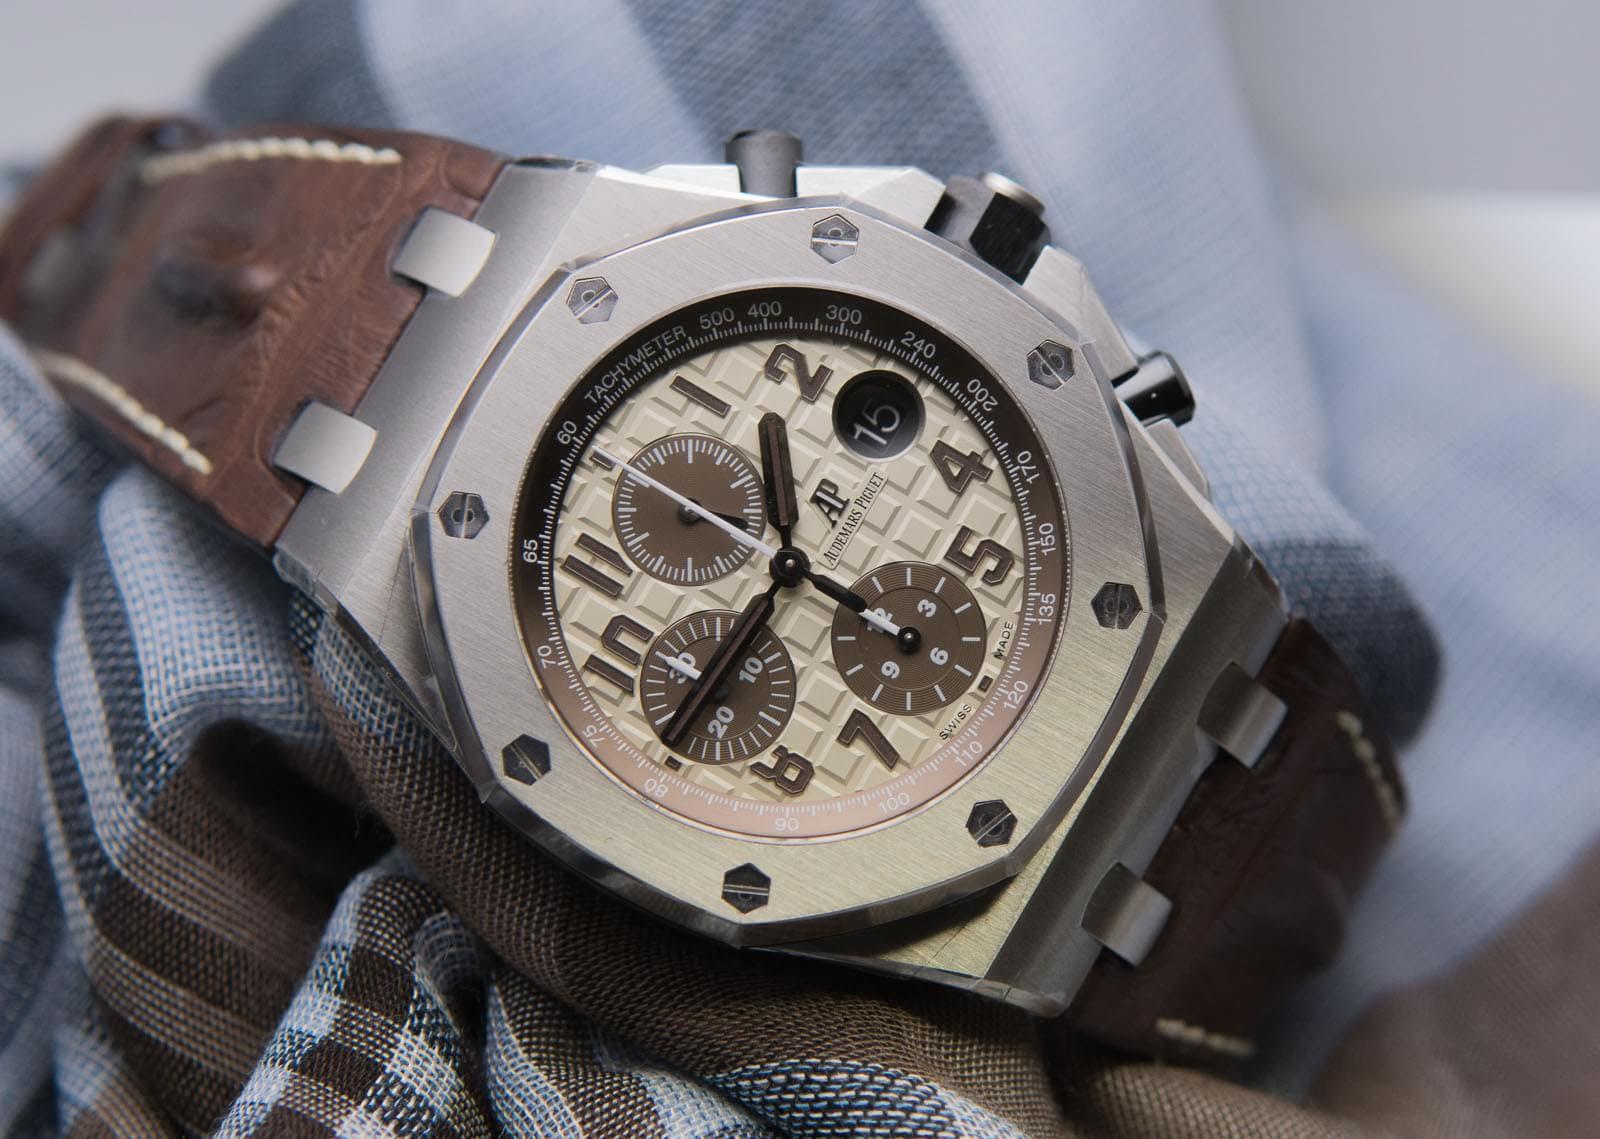 b5372c5a892 Legendary Watches: Audemars Piguet Royal Oak